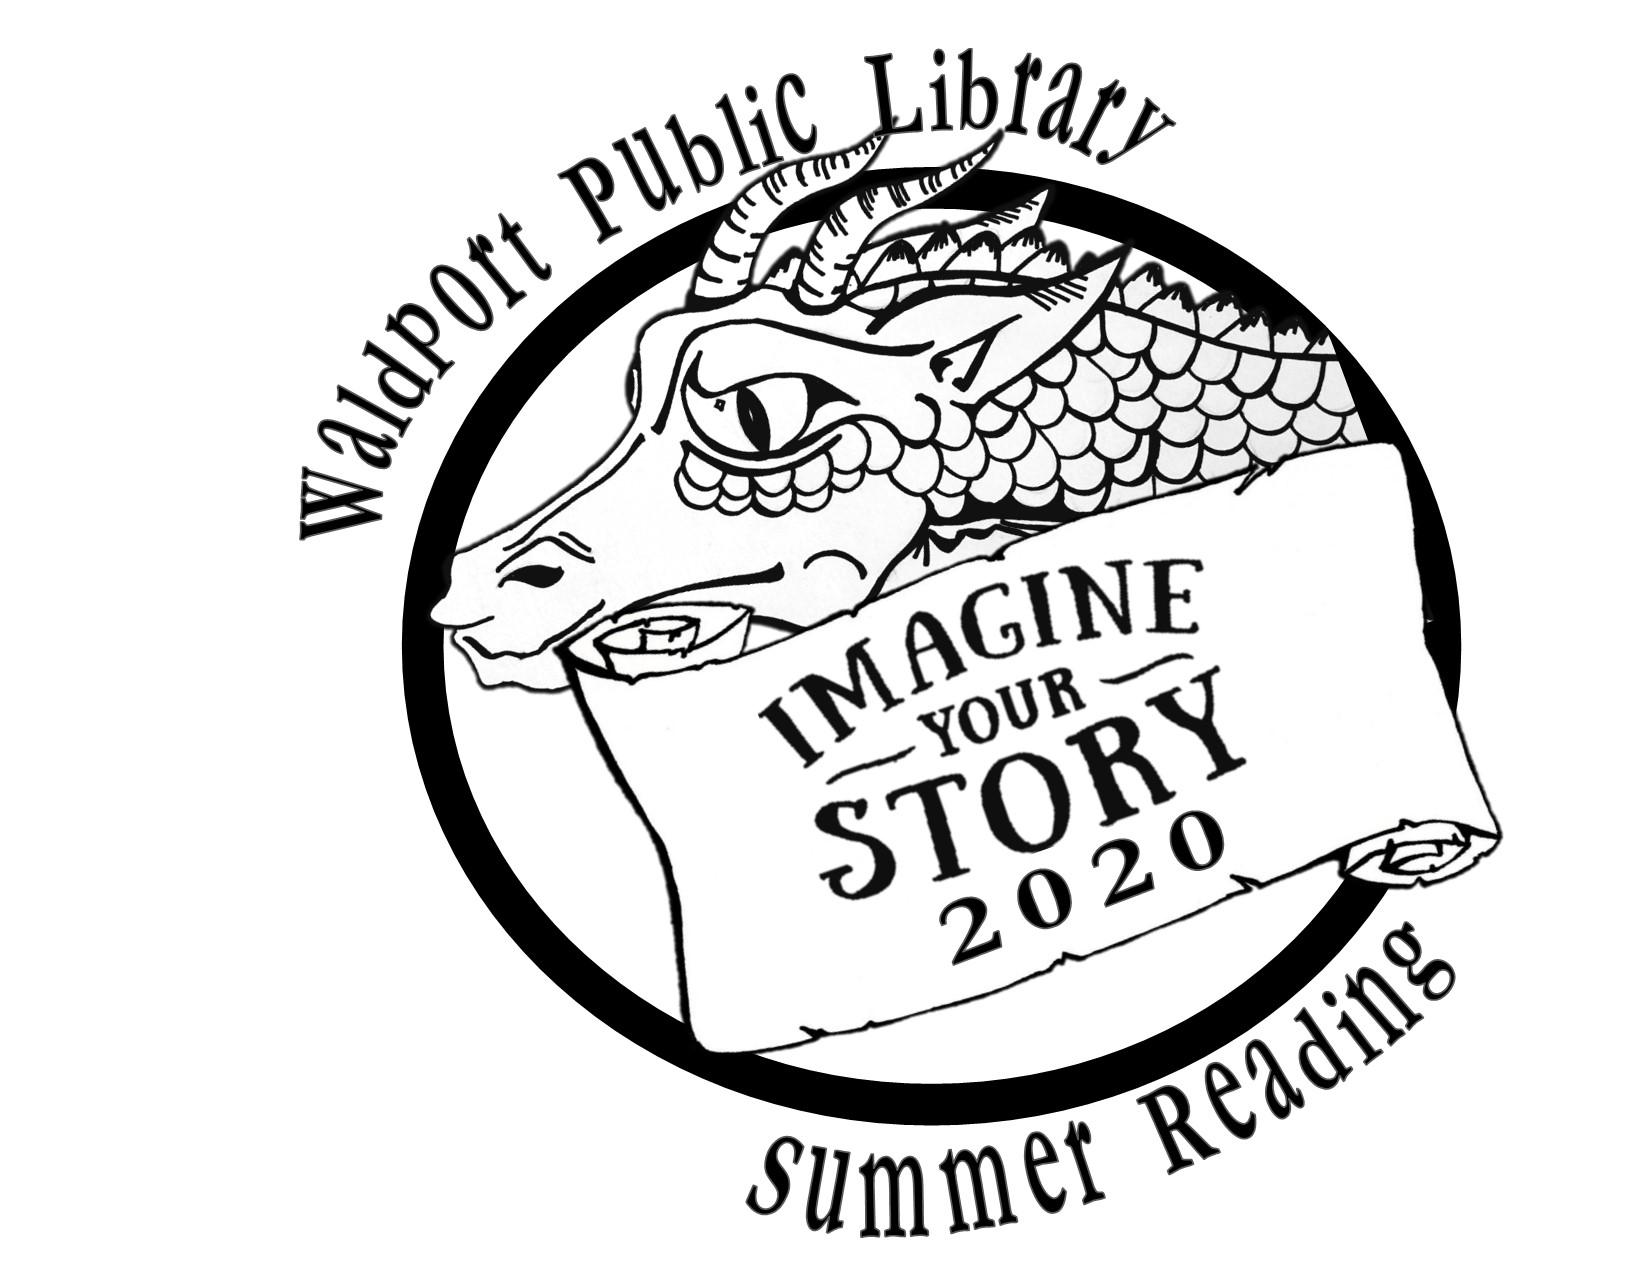 Summer Reading Program 2020 Web Image.pubjpg.jpg